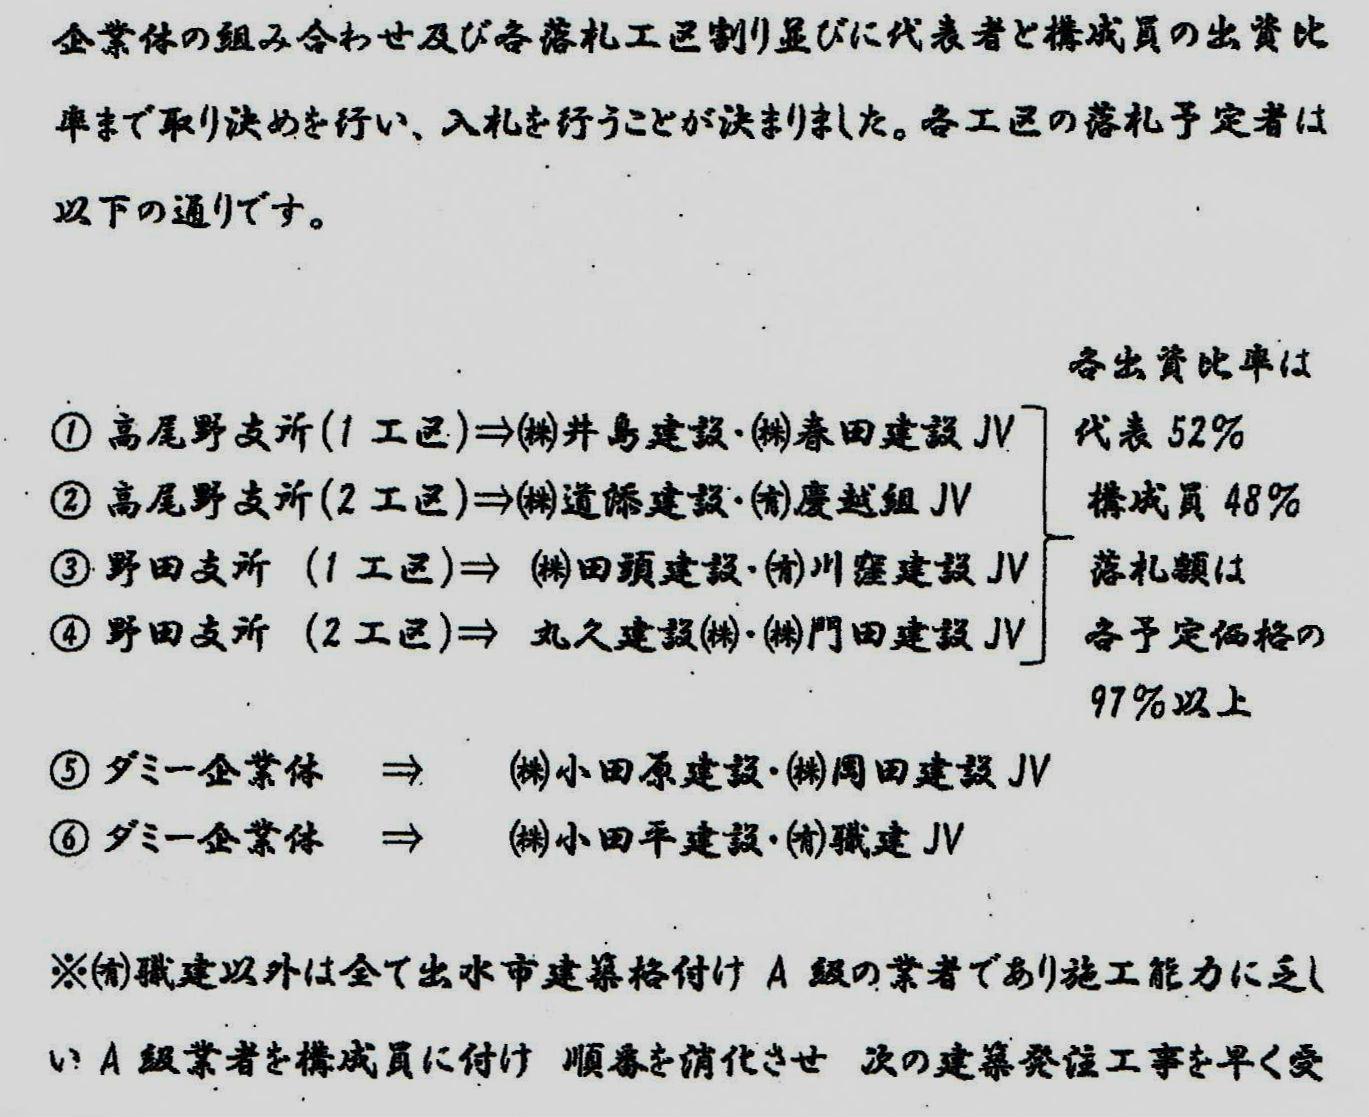 http://hunter-investigate.jp/news/9af92af2efa50eb86d4e311a94c10ff311aa7ae1.jpg